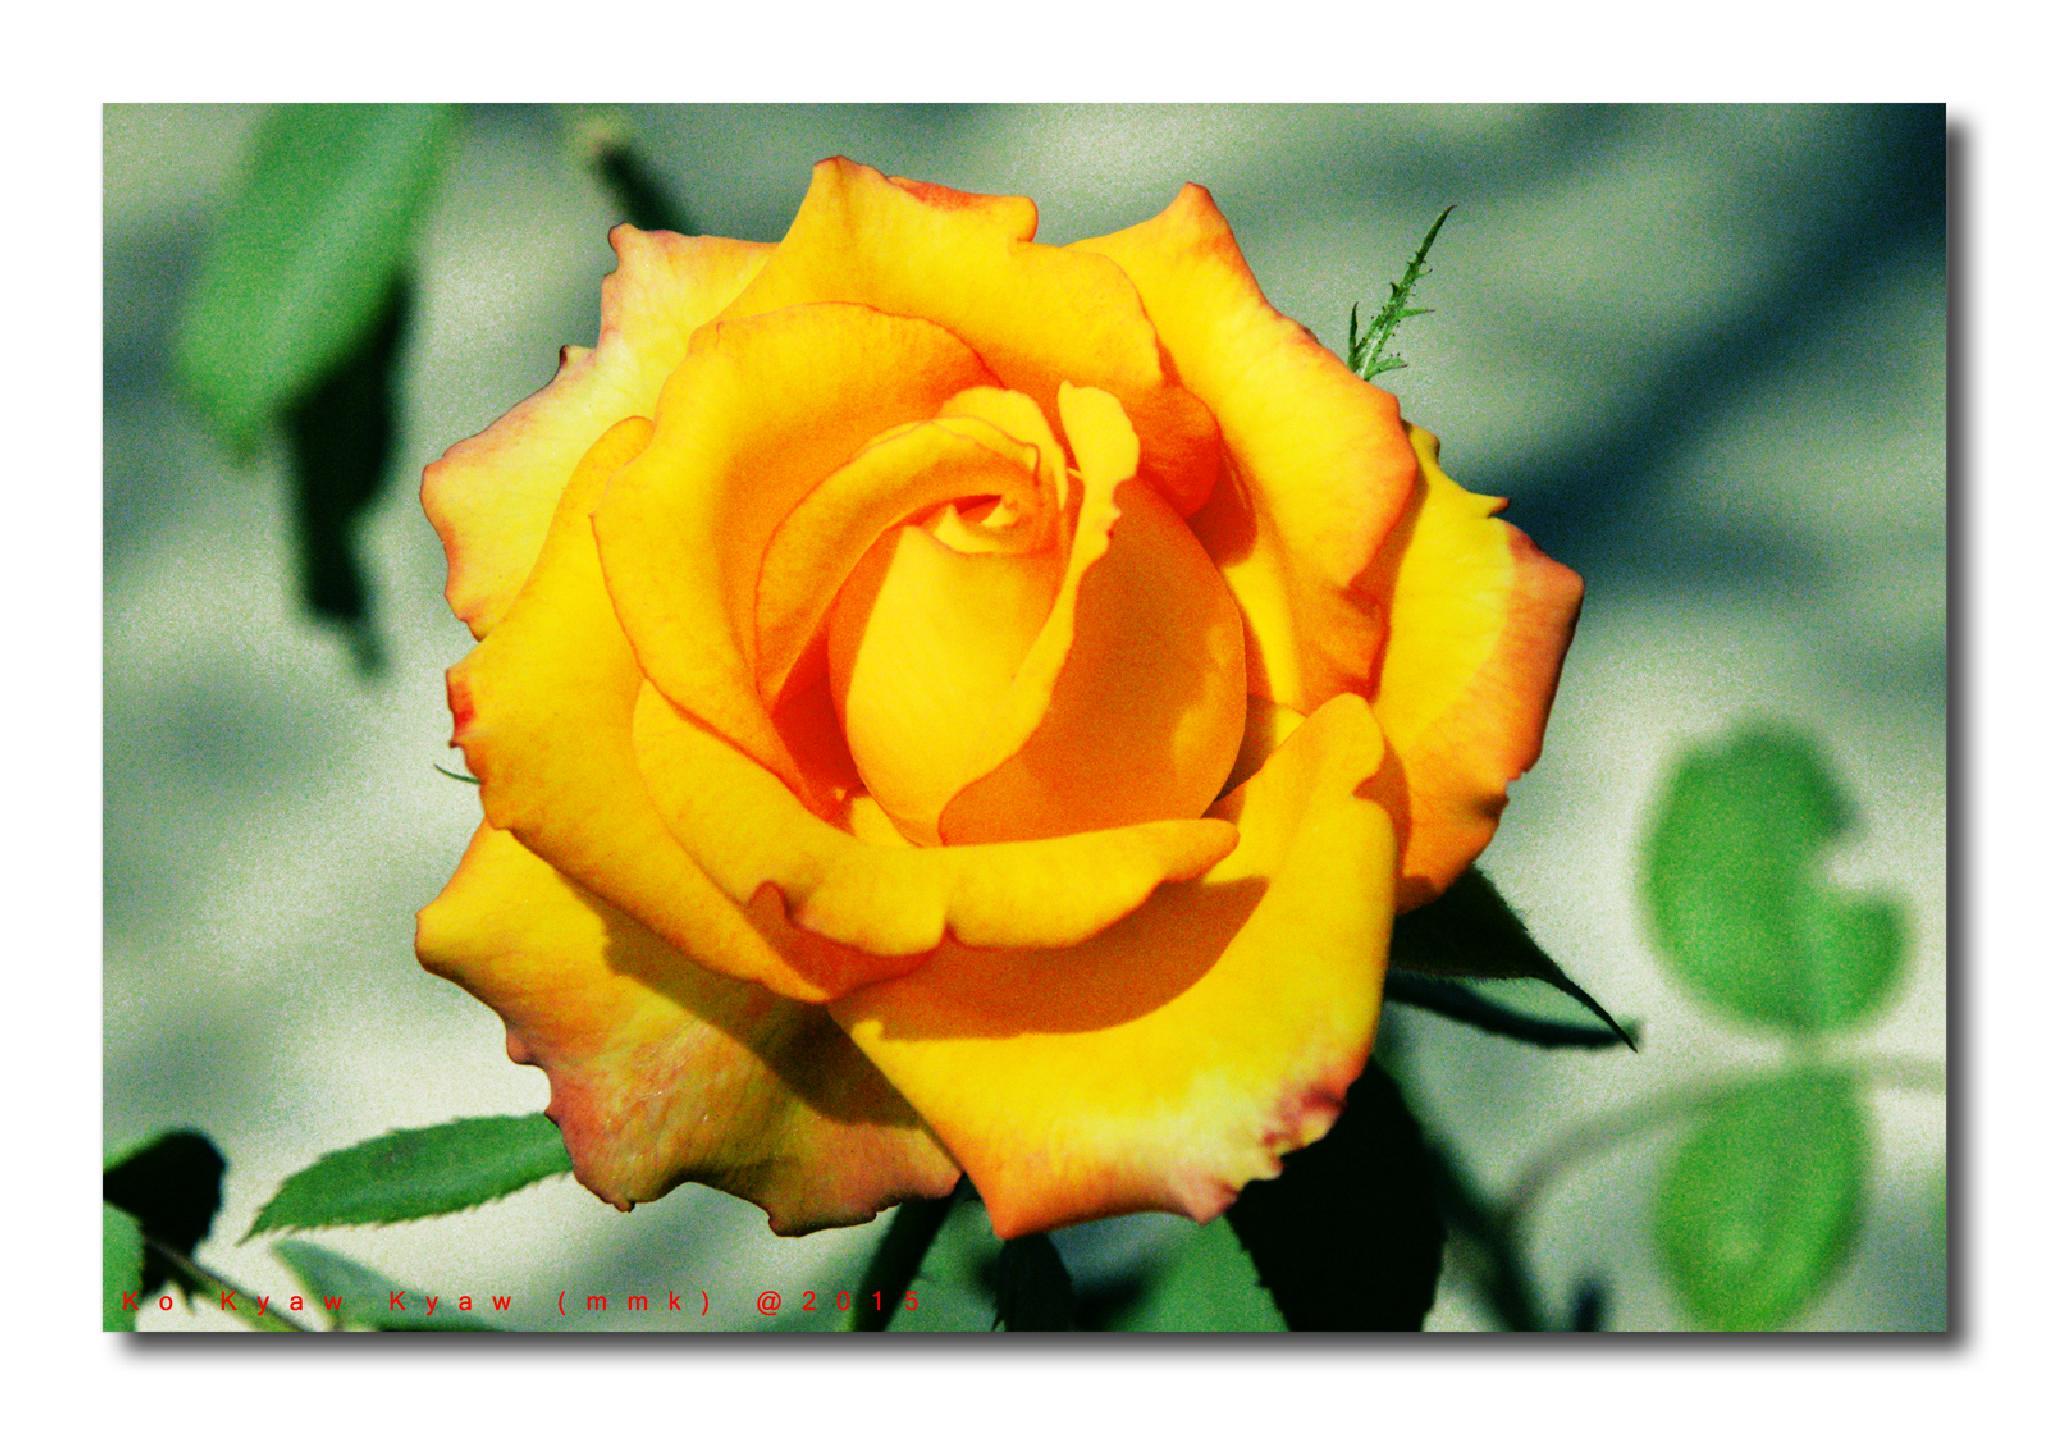 Yellow Rose by Ko Kyaw Thura (Ko Kyaw Kyaw)